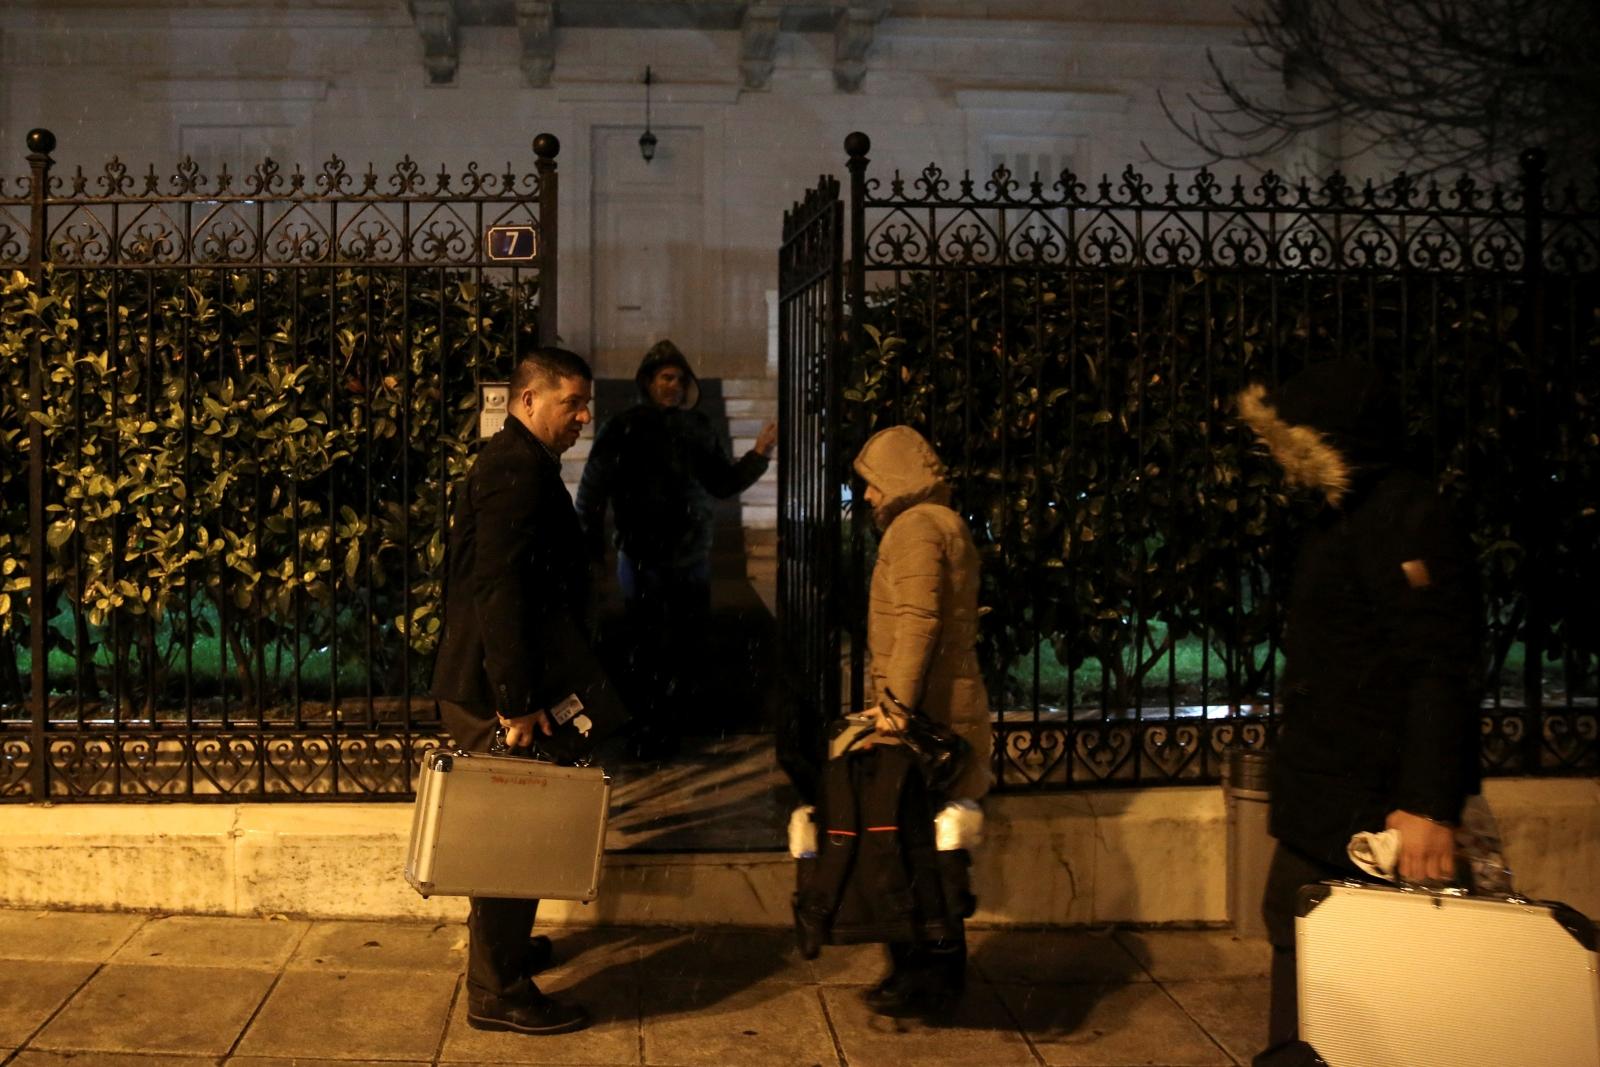 Russian consul found dead in Greece